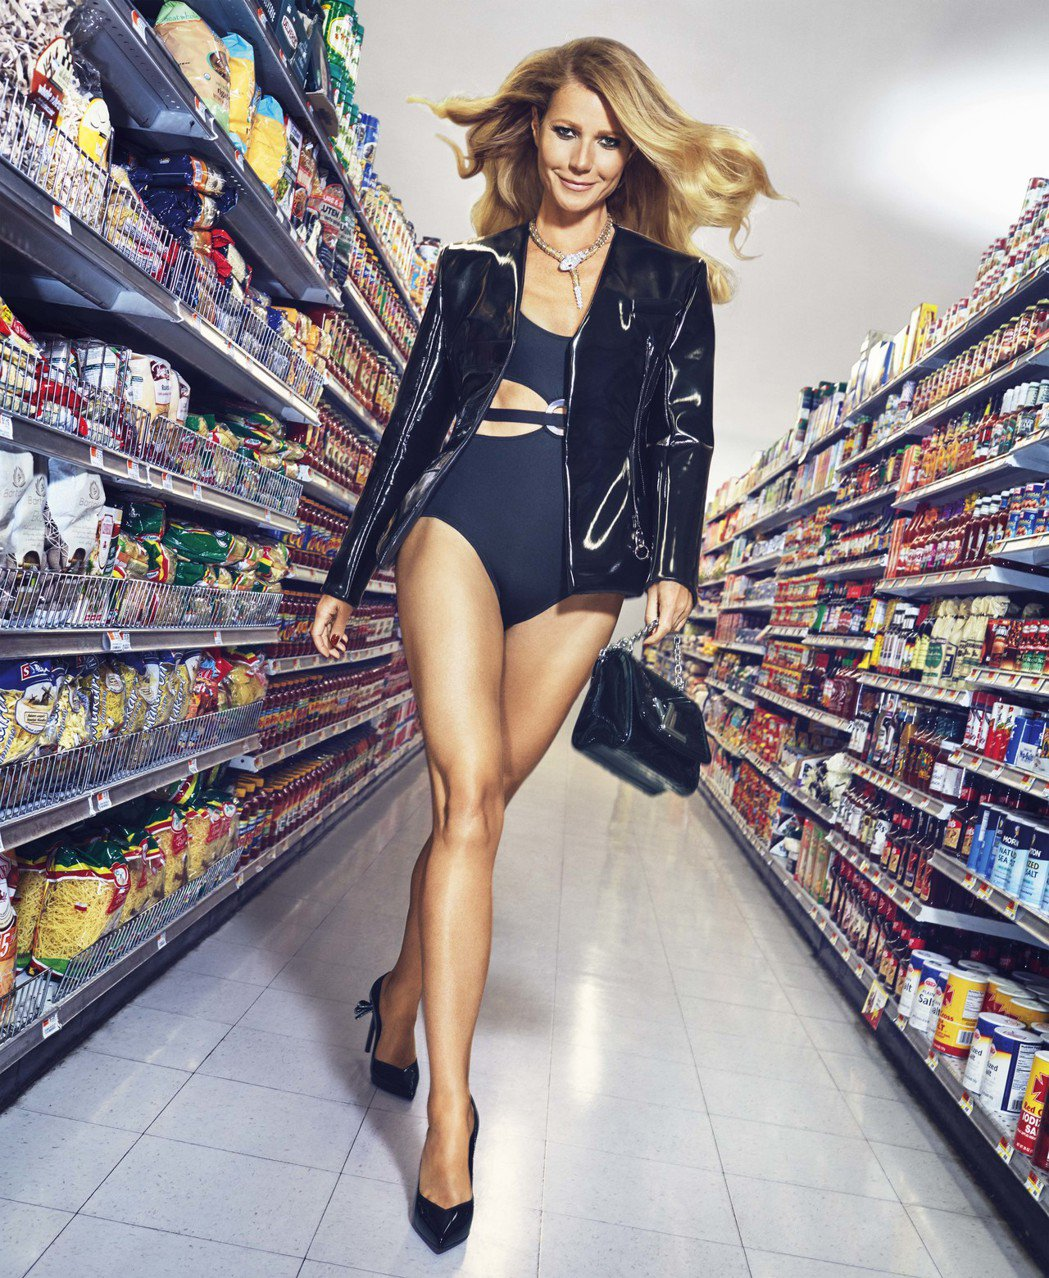 葛妮絲派特洛為拍攝雜誌在超市裝扮火辣。圖/BAZAAR提供